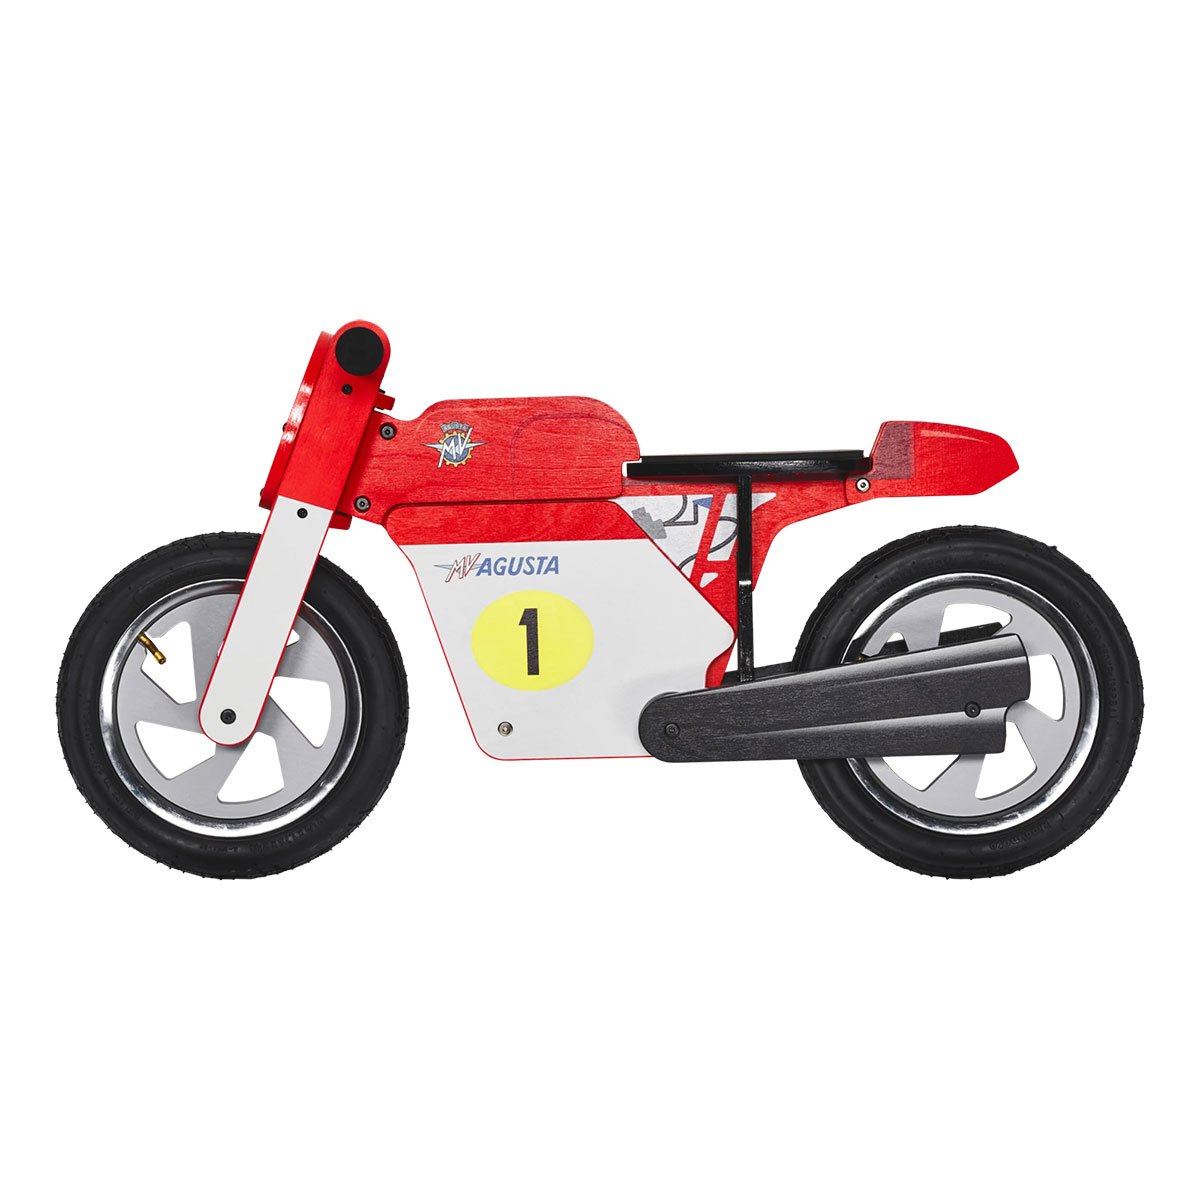 MV Agusta Vintage Wooden Balance Bike